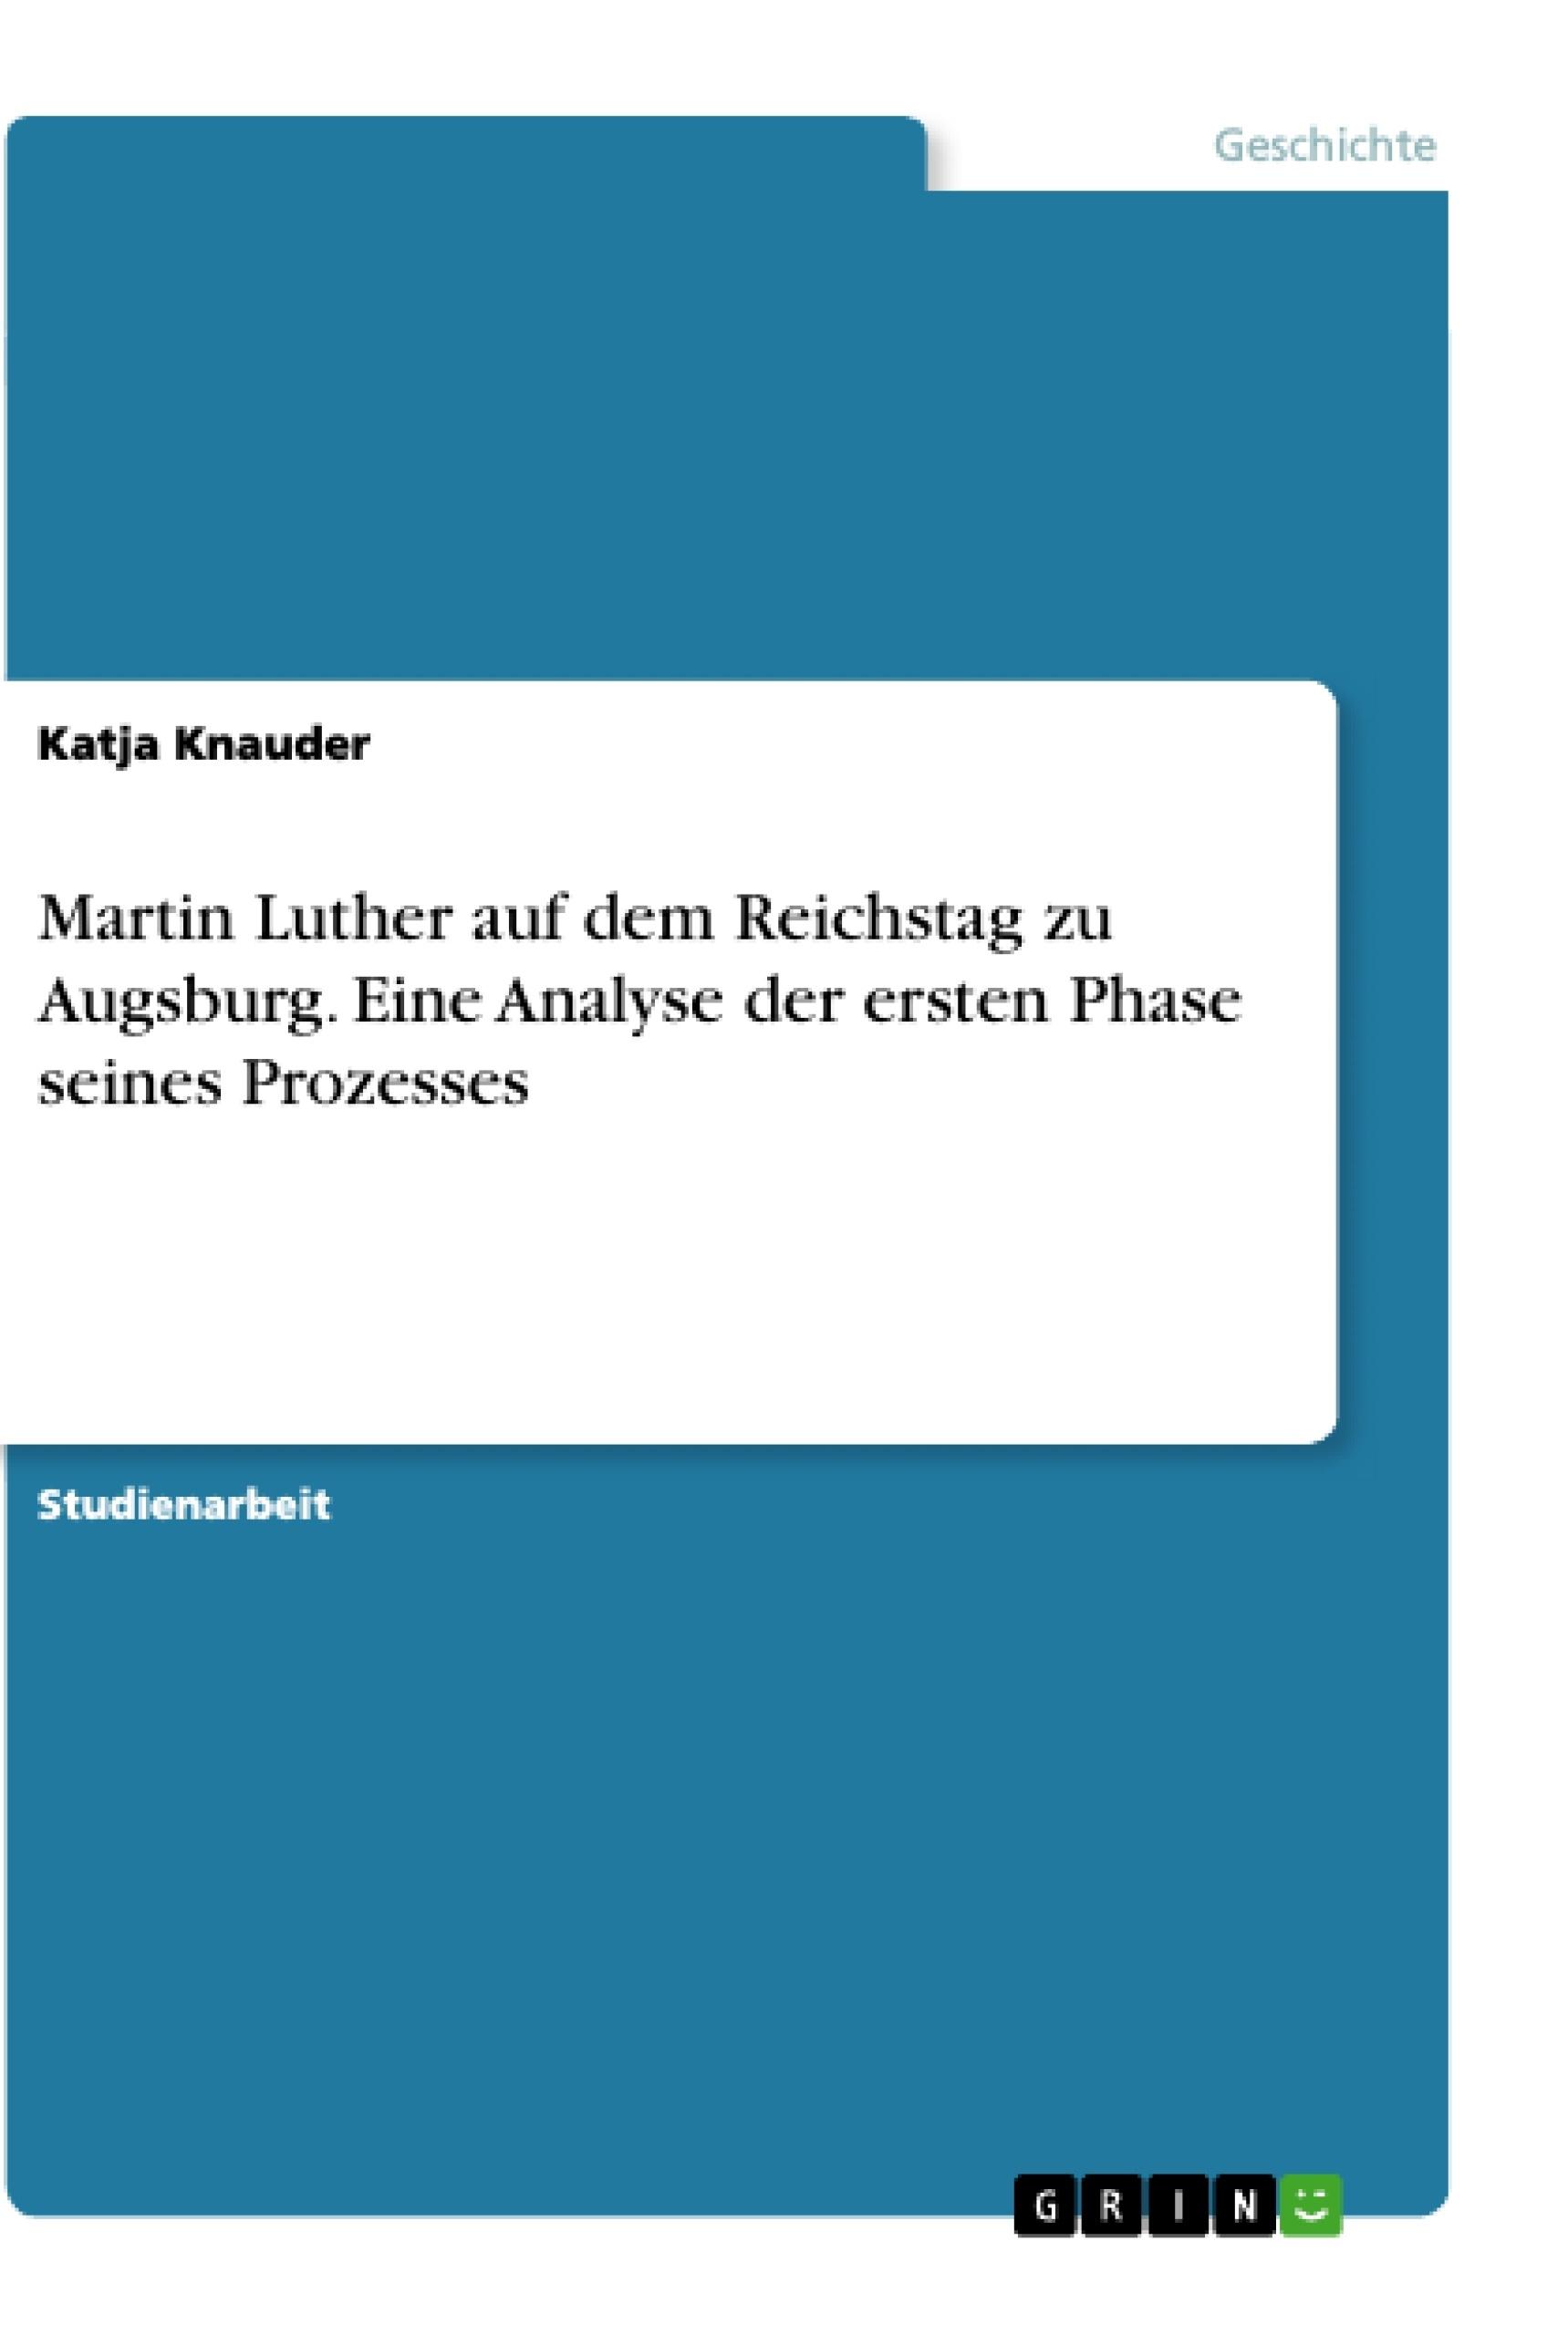 Titel: Martin Luther auf dem Reichstag zu Augsburg. Eine Analyse der ersten Phase seines Prozesses